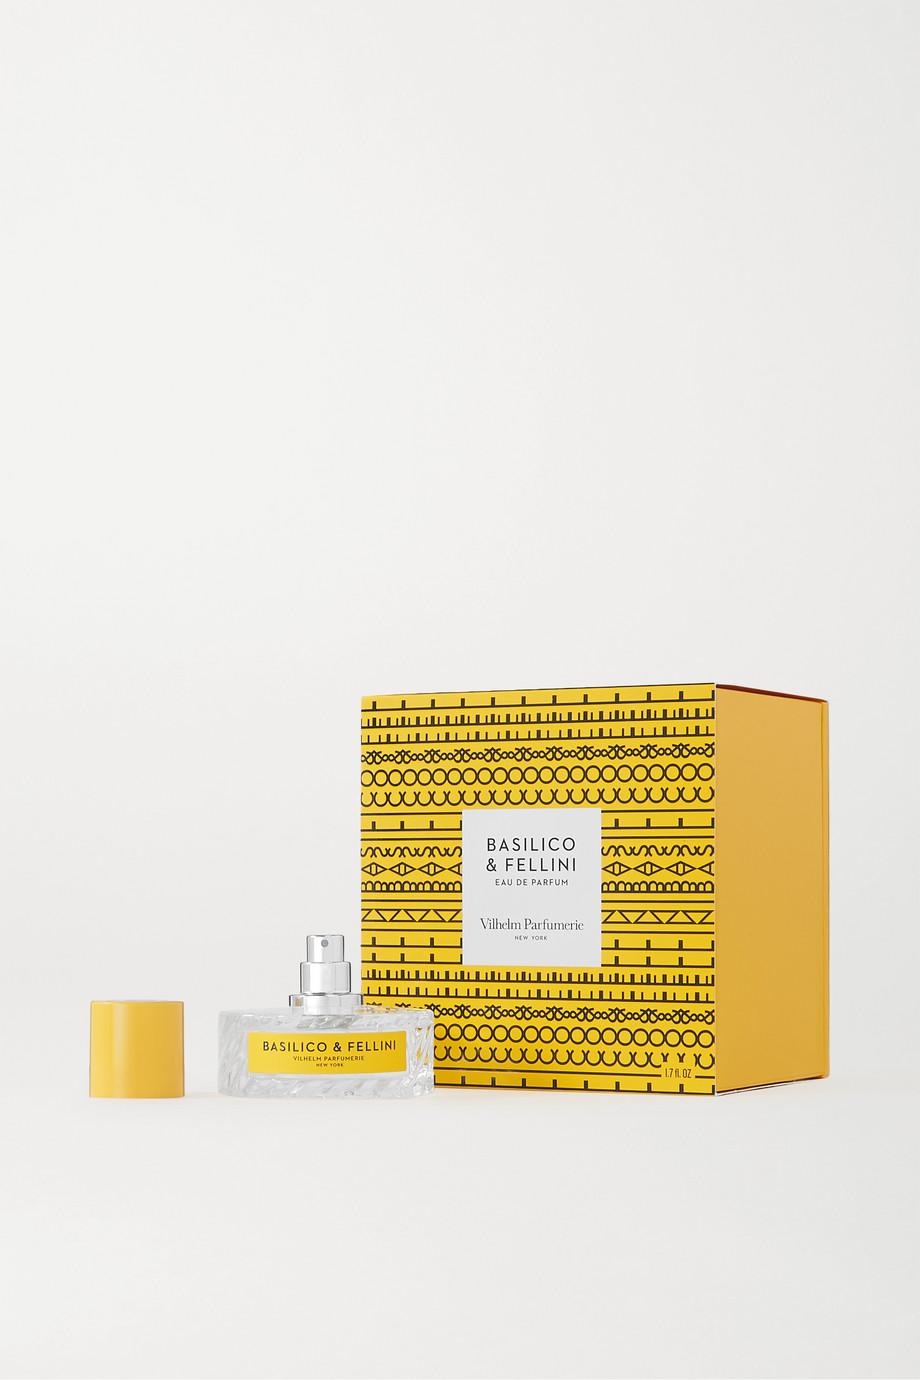 Vilhelm Parfumerie Eau de Parfum - Basilico & Fellini, 50ml